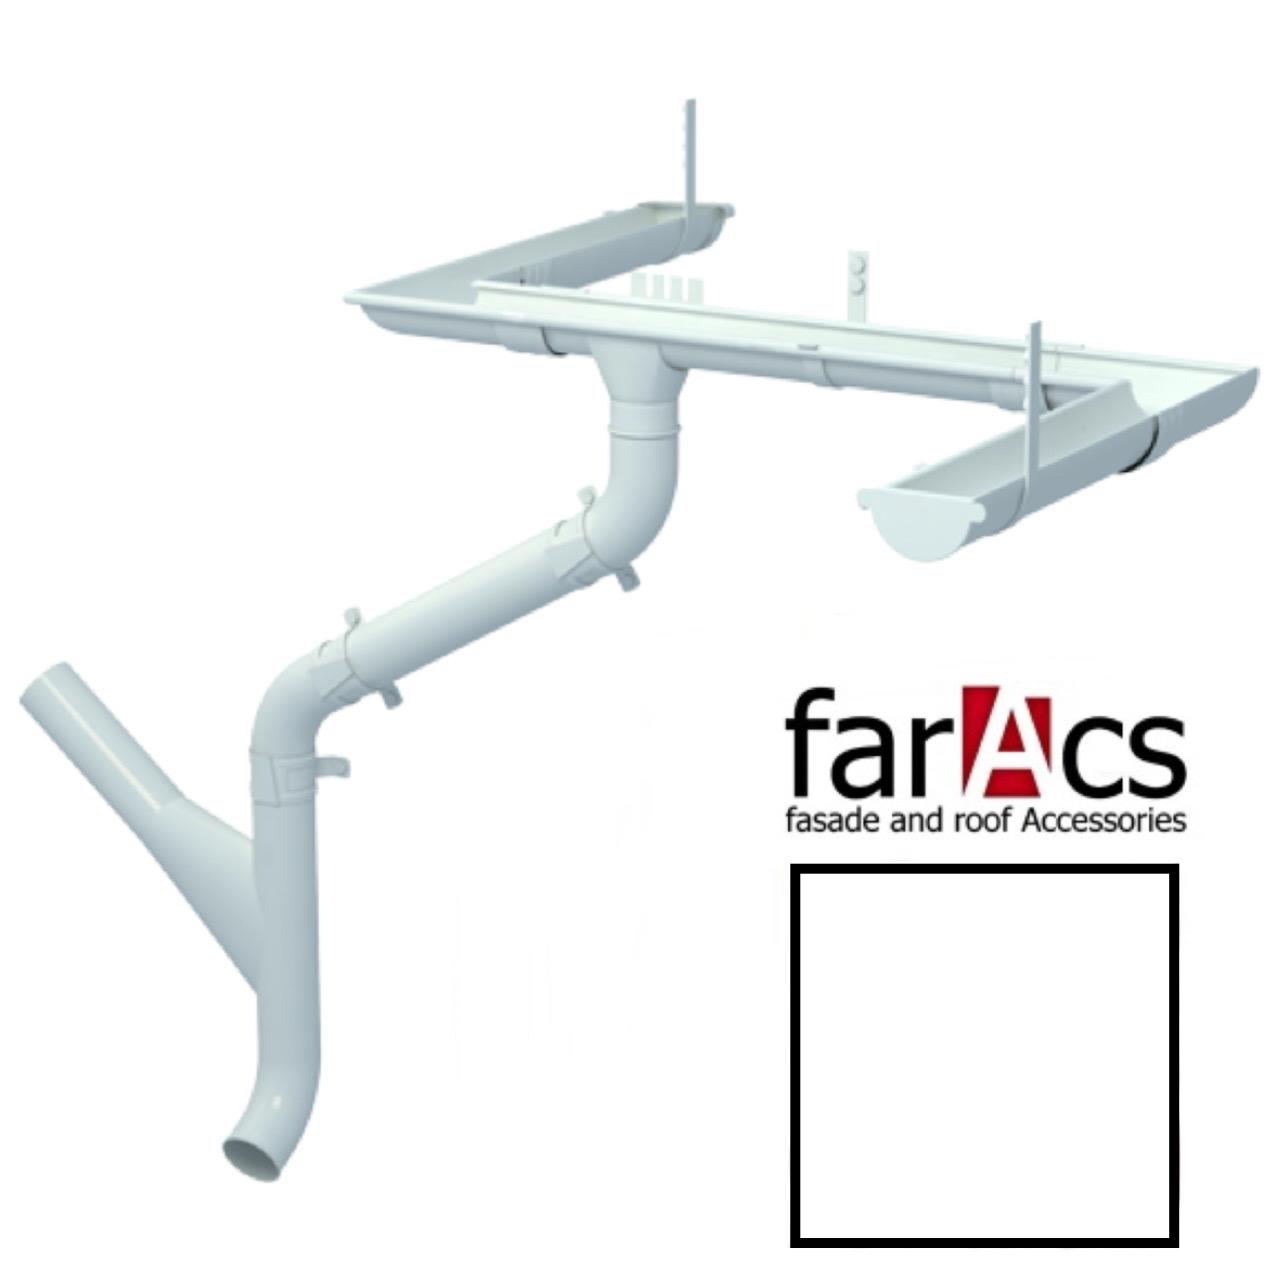 Металлический водосток Faracs 125/90 RAL 9003 (сигнальный белый)